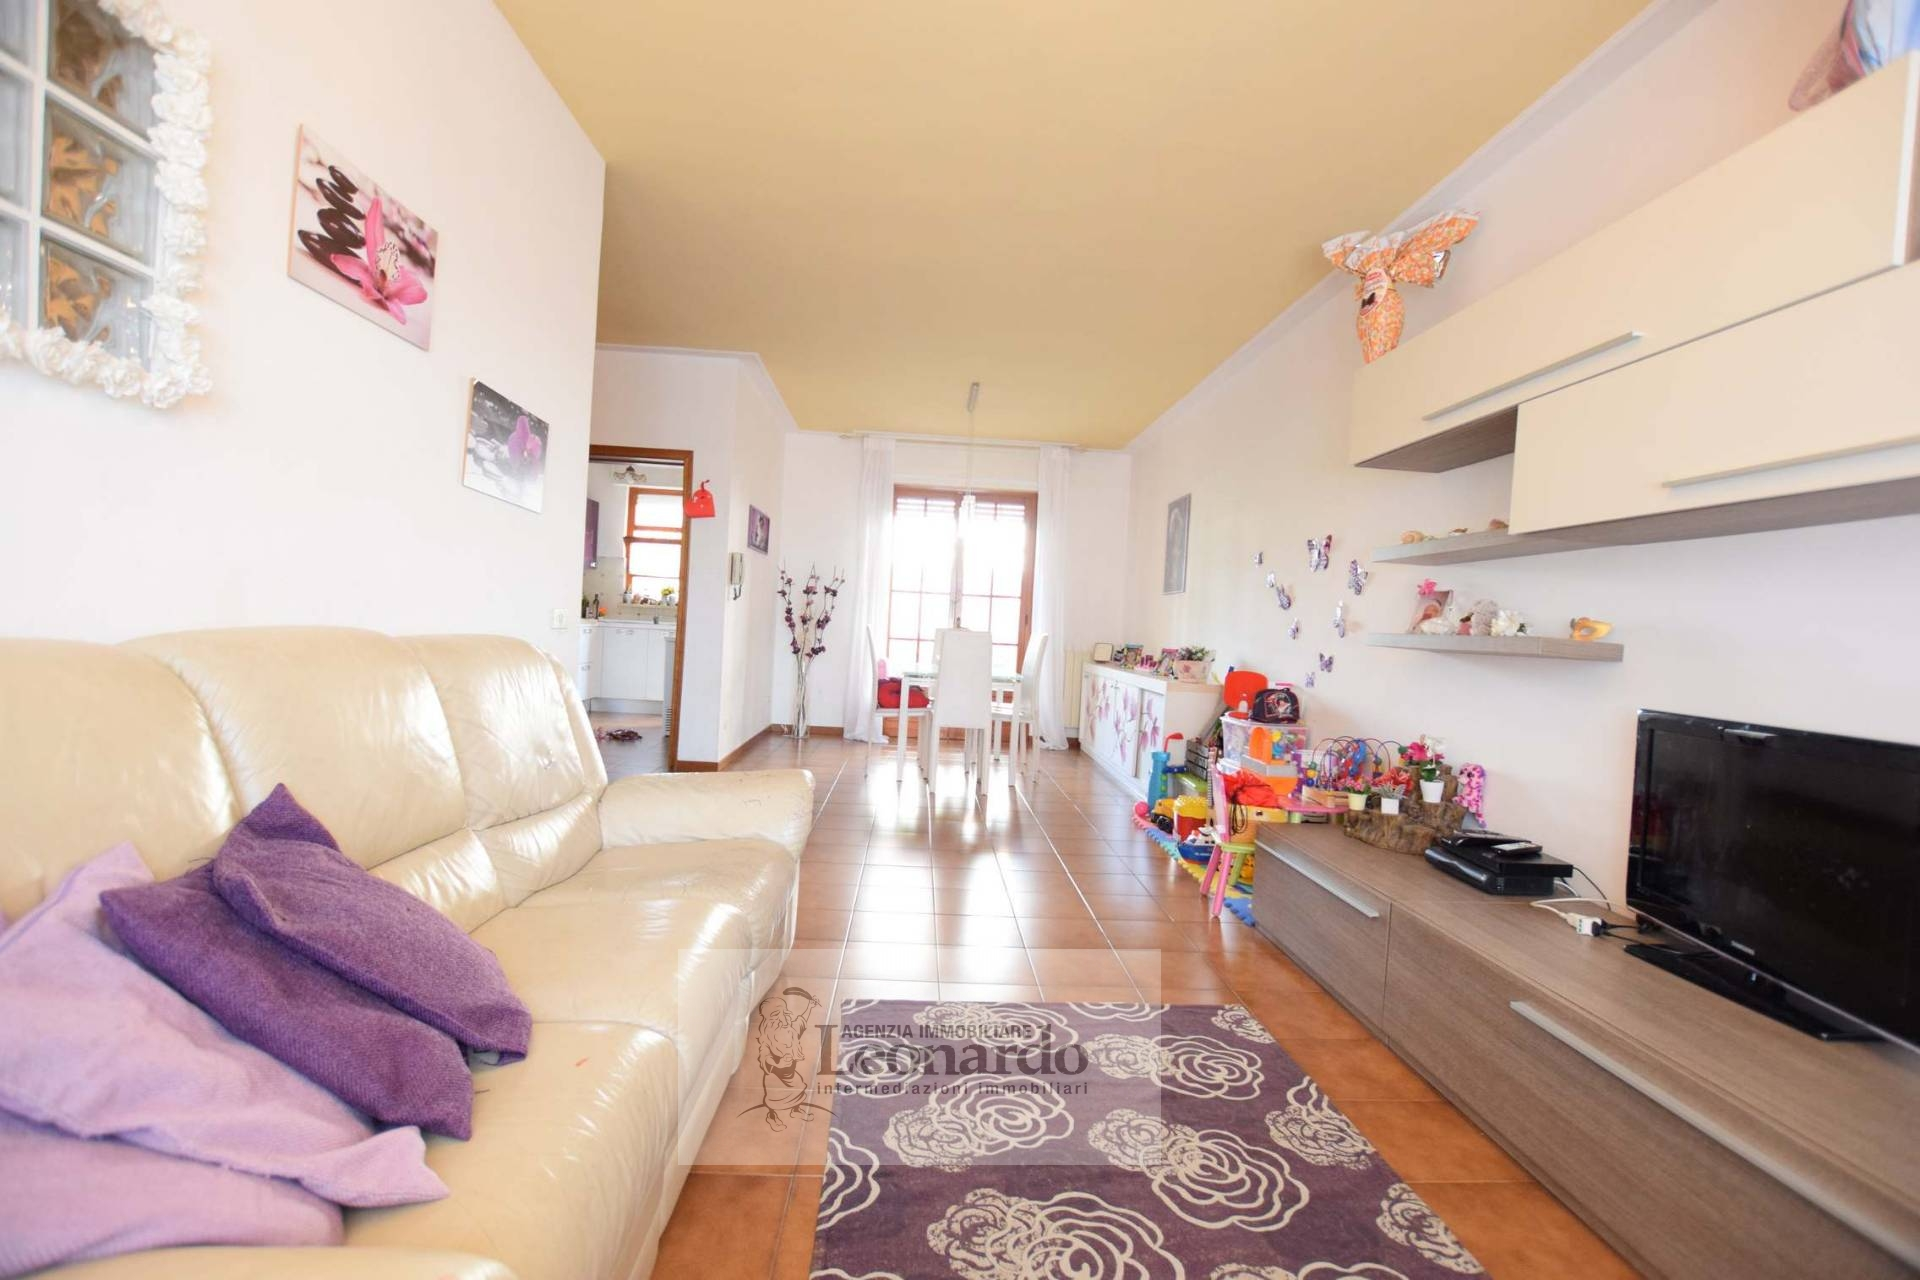 Villa in vendita a Viareggio, 7 locali, zona Località: Terminetto, prezzo € 310.000 | Cambio Casa.it